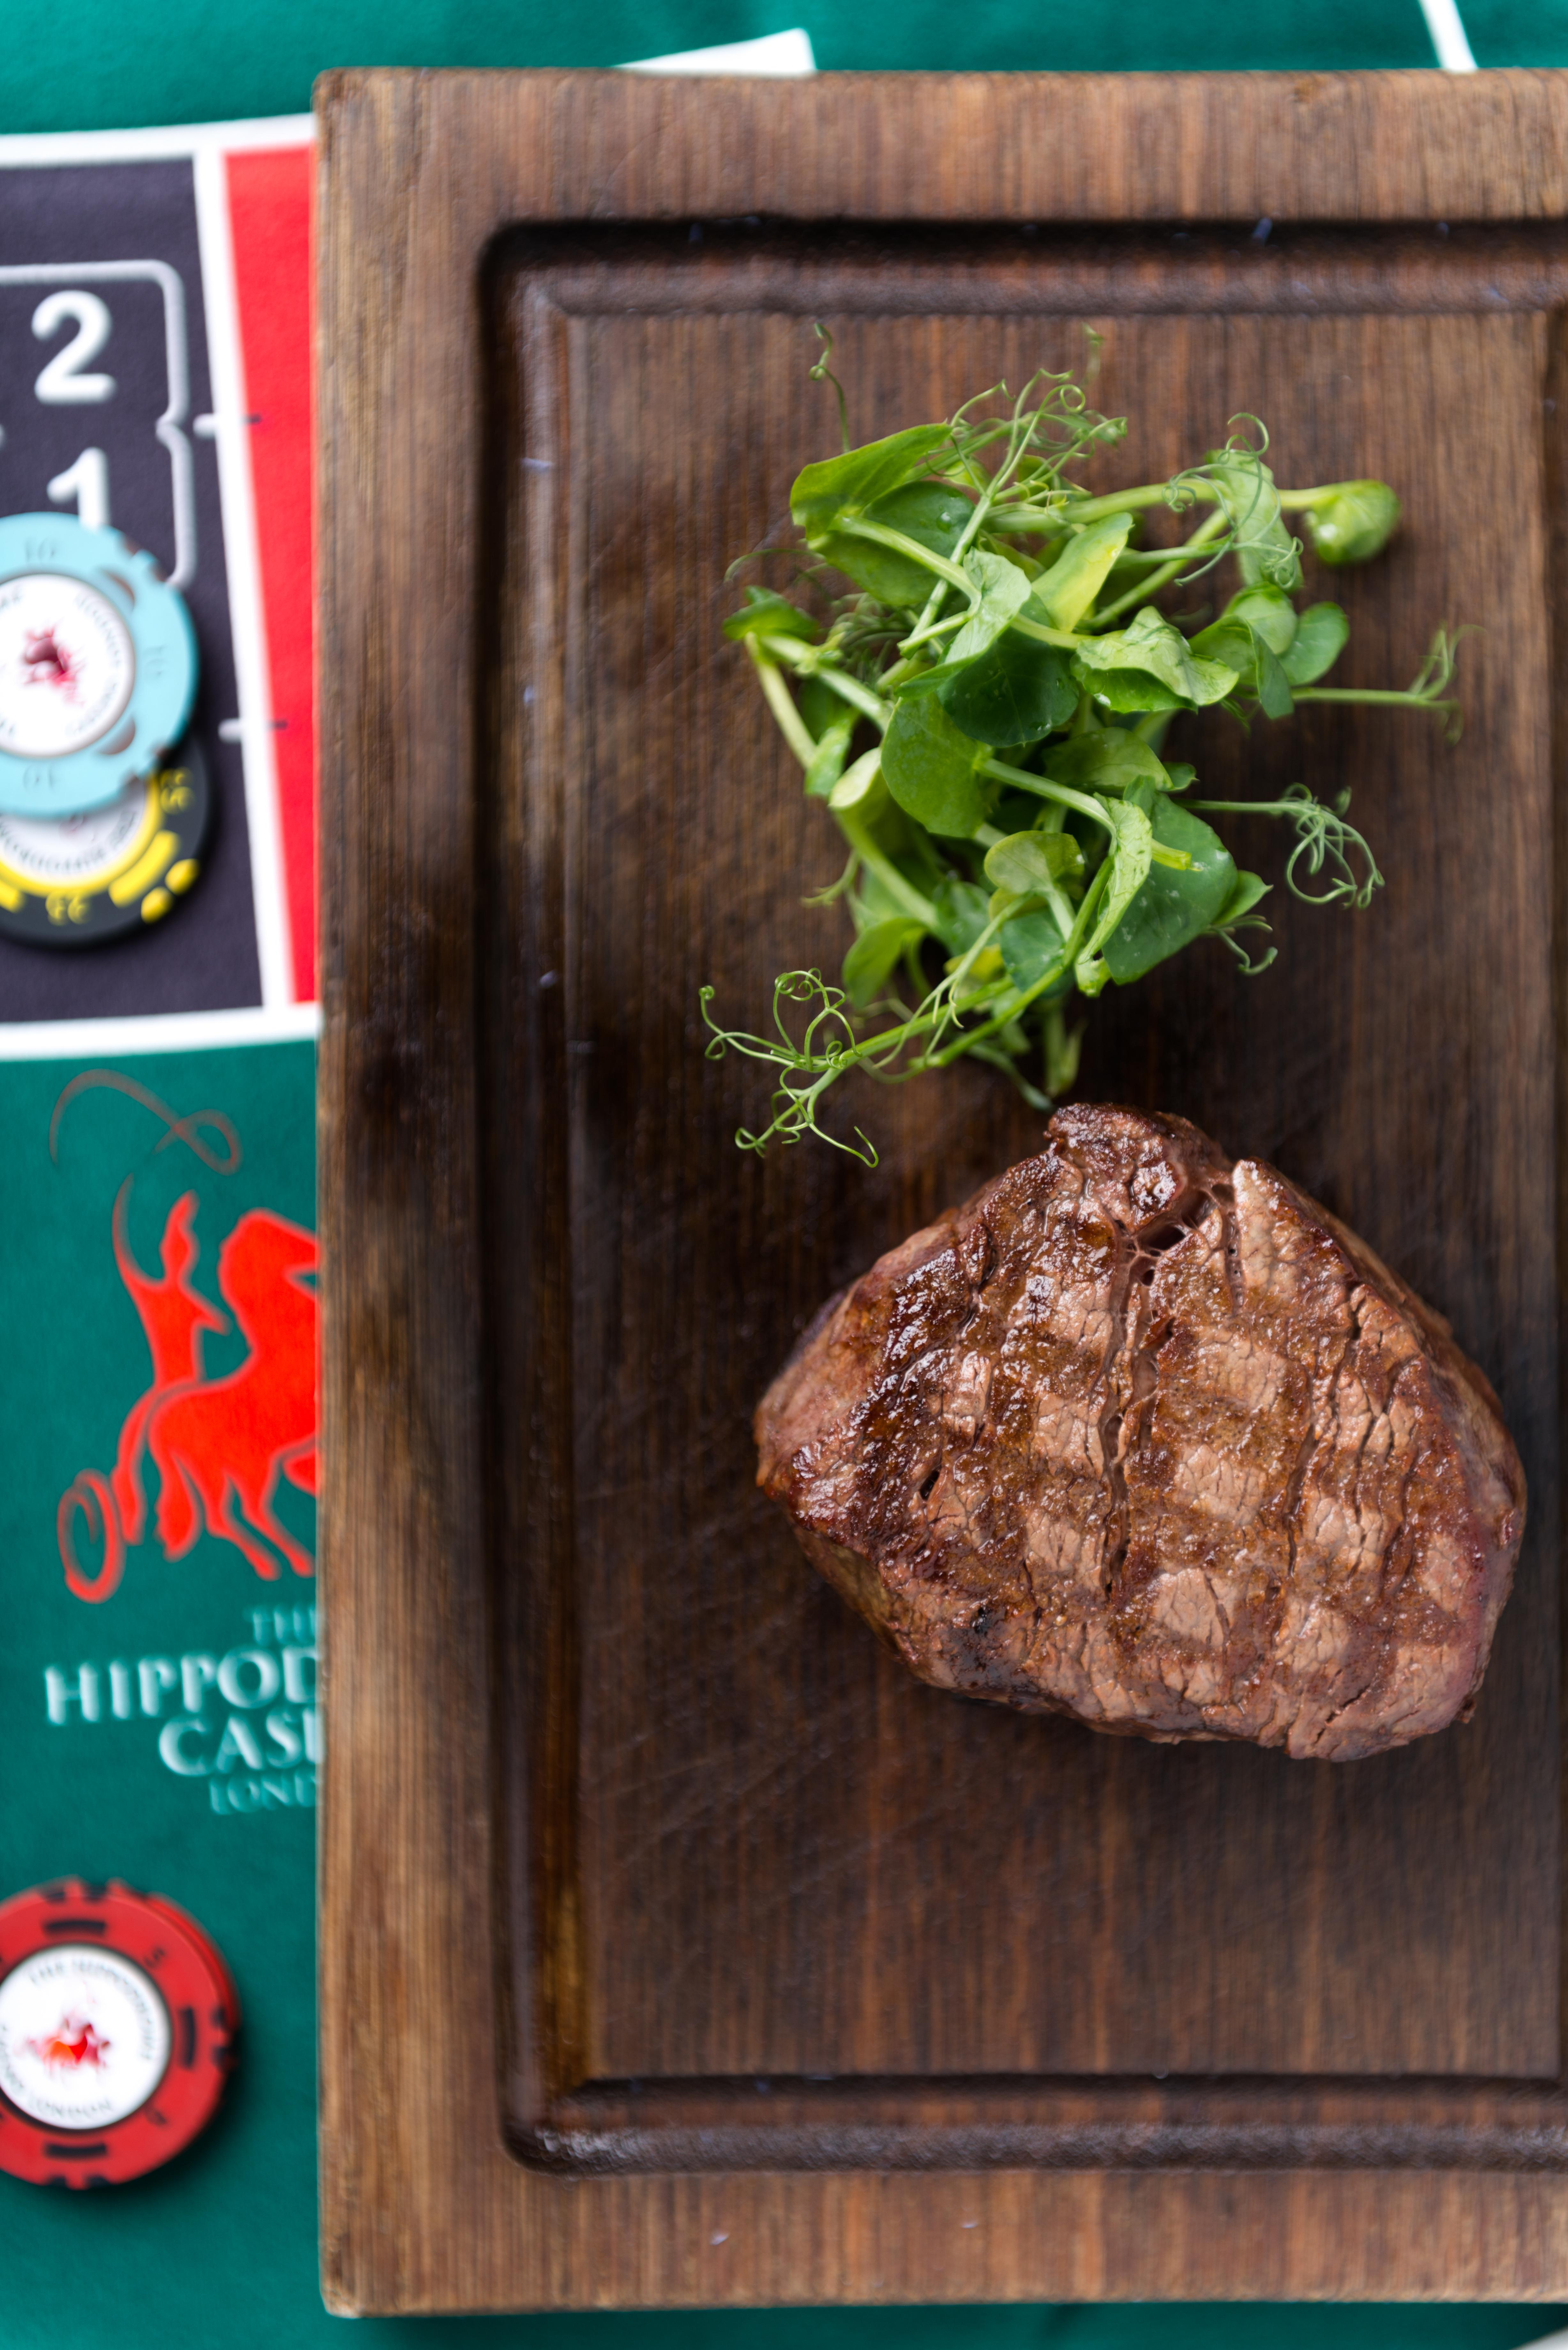 FILET STEAK Heliot _ KOMARGALLERY _ Piotr kowalczyk food photography-6 ...